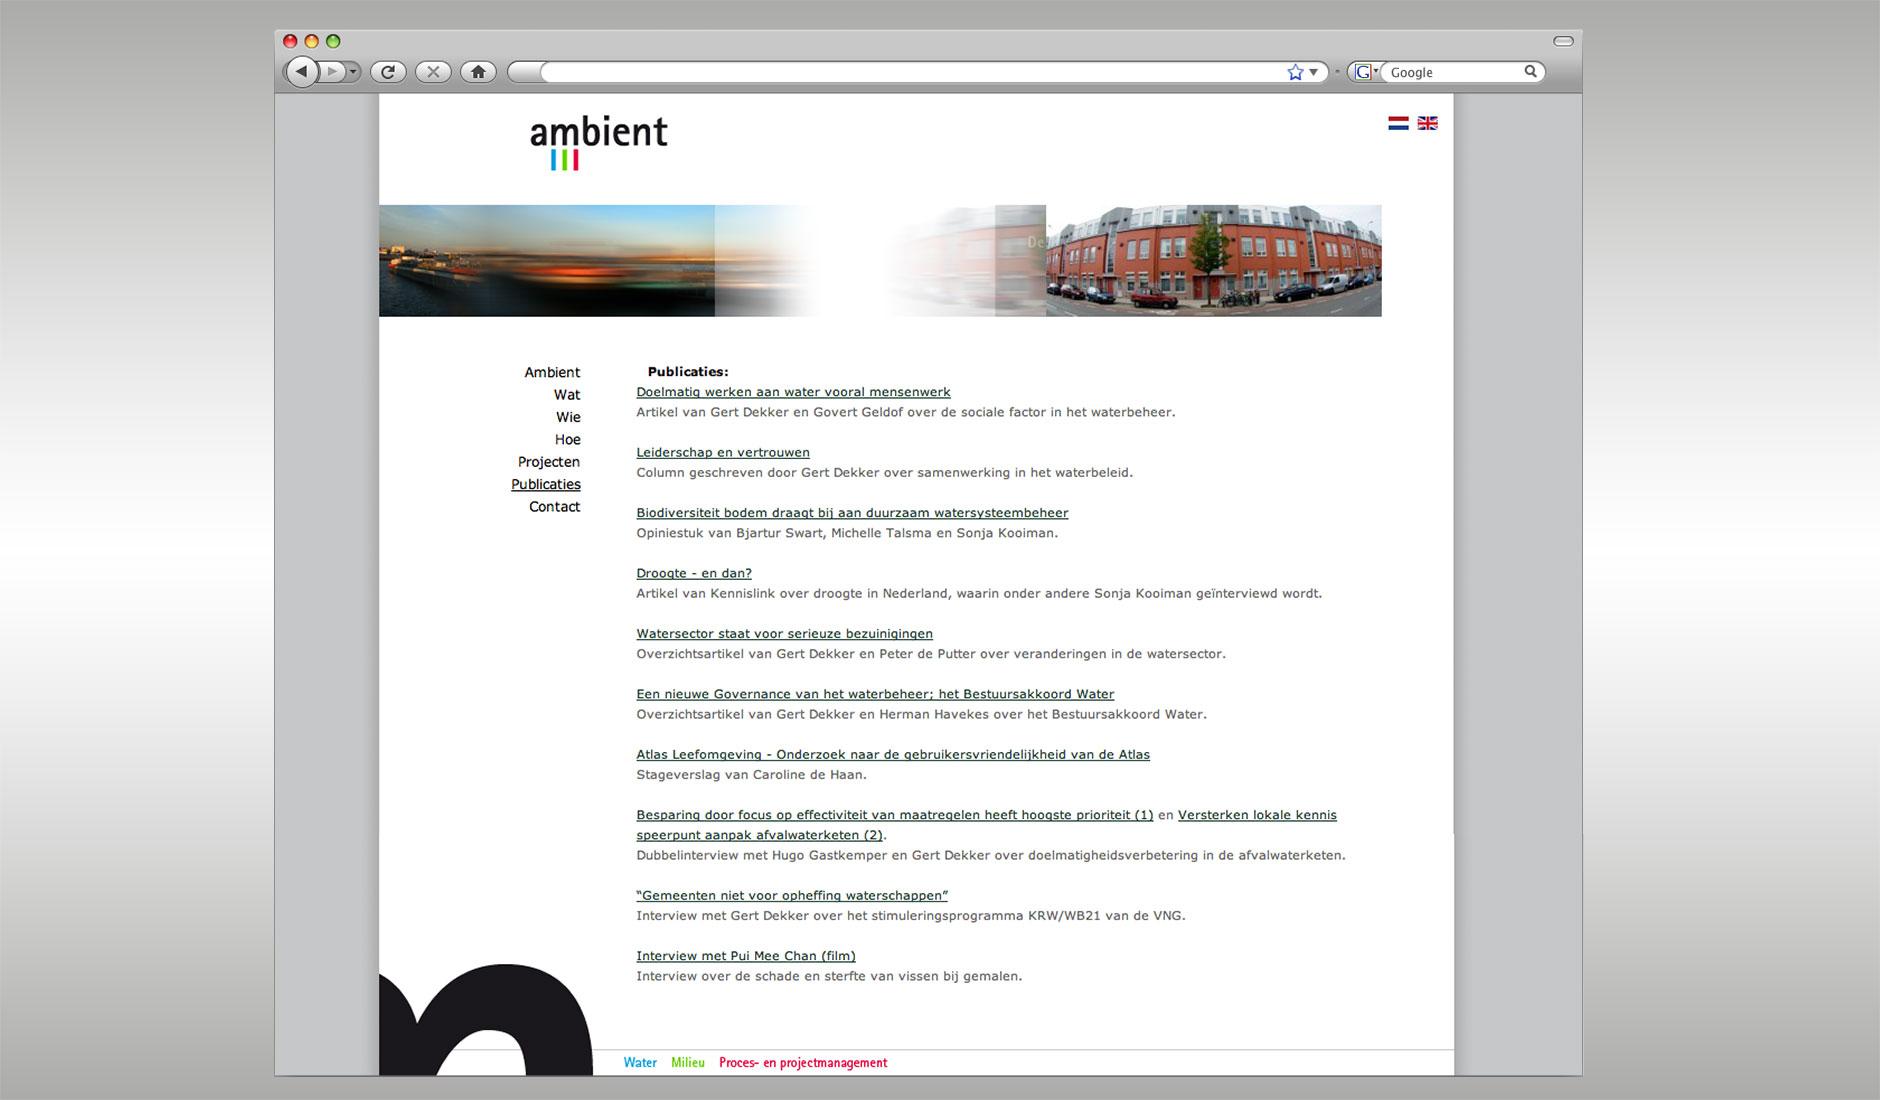 Ontwerp website Ambient, de citaten en beelden op de website animeren.